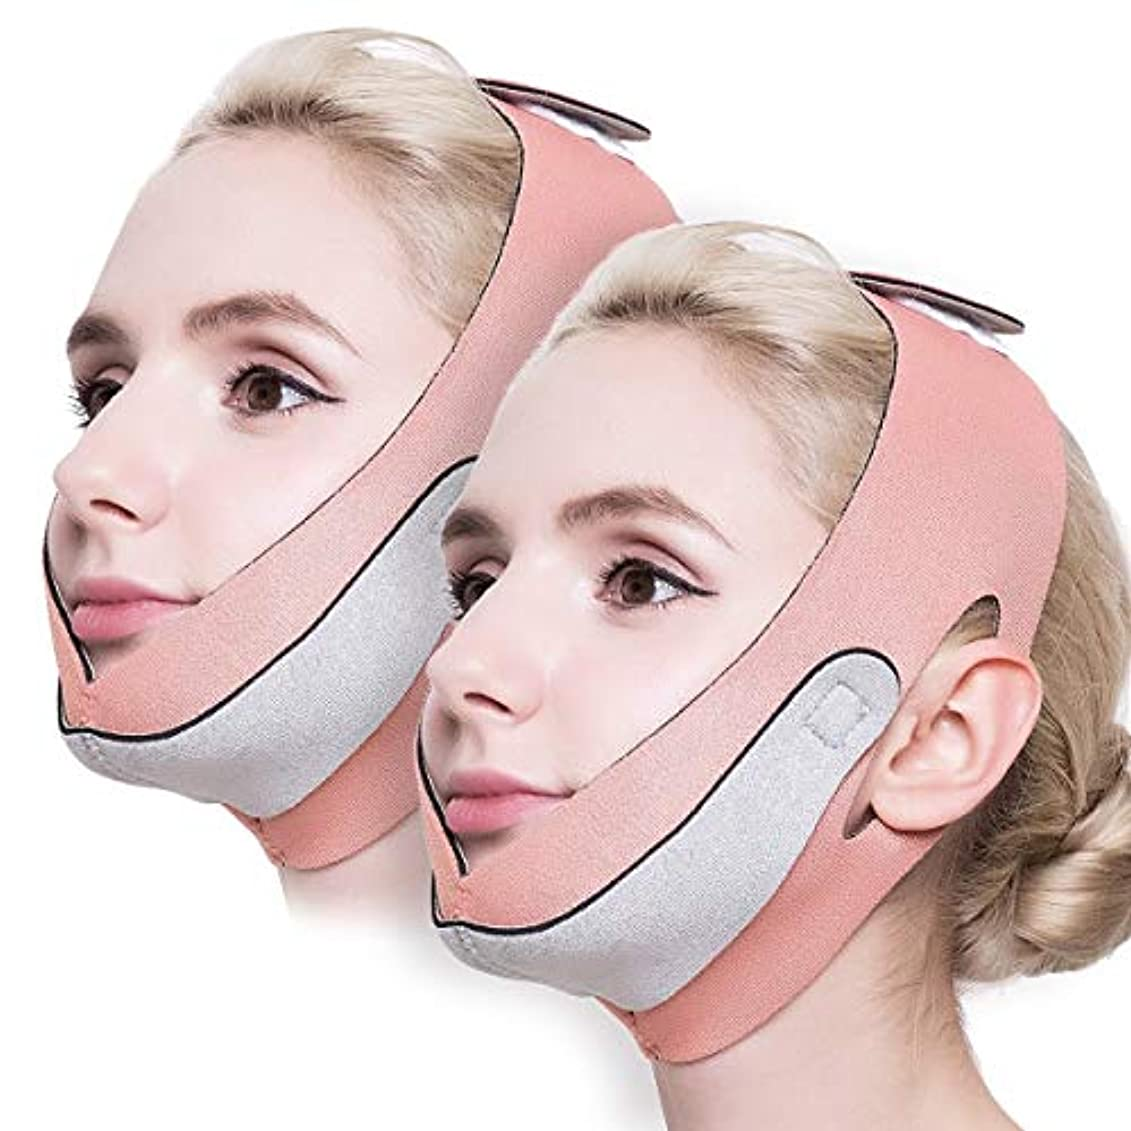 アクセス平衡毛布[SUCFORTS]2枚セット 小顔 矯正 たるみ ほうれい線 美顔 顔痩せ グッズ フェイス マスク ベルト コルセット メンズ レディース サポーター